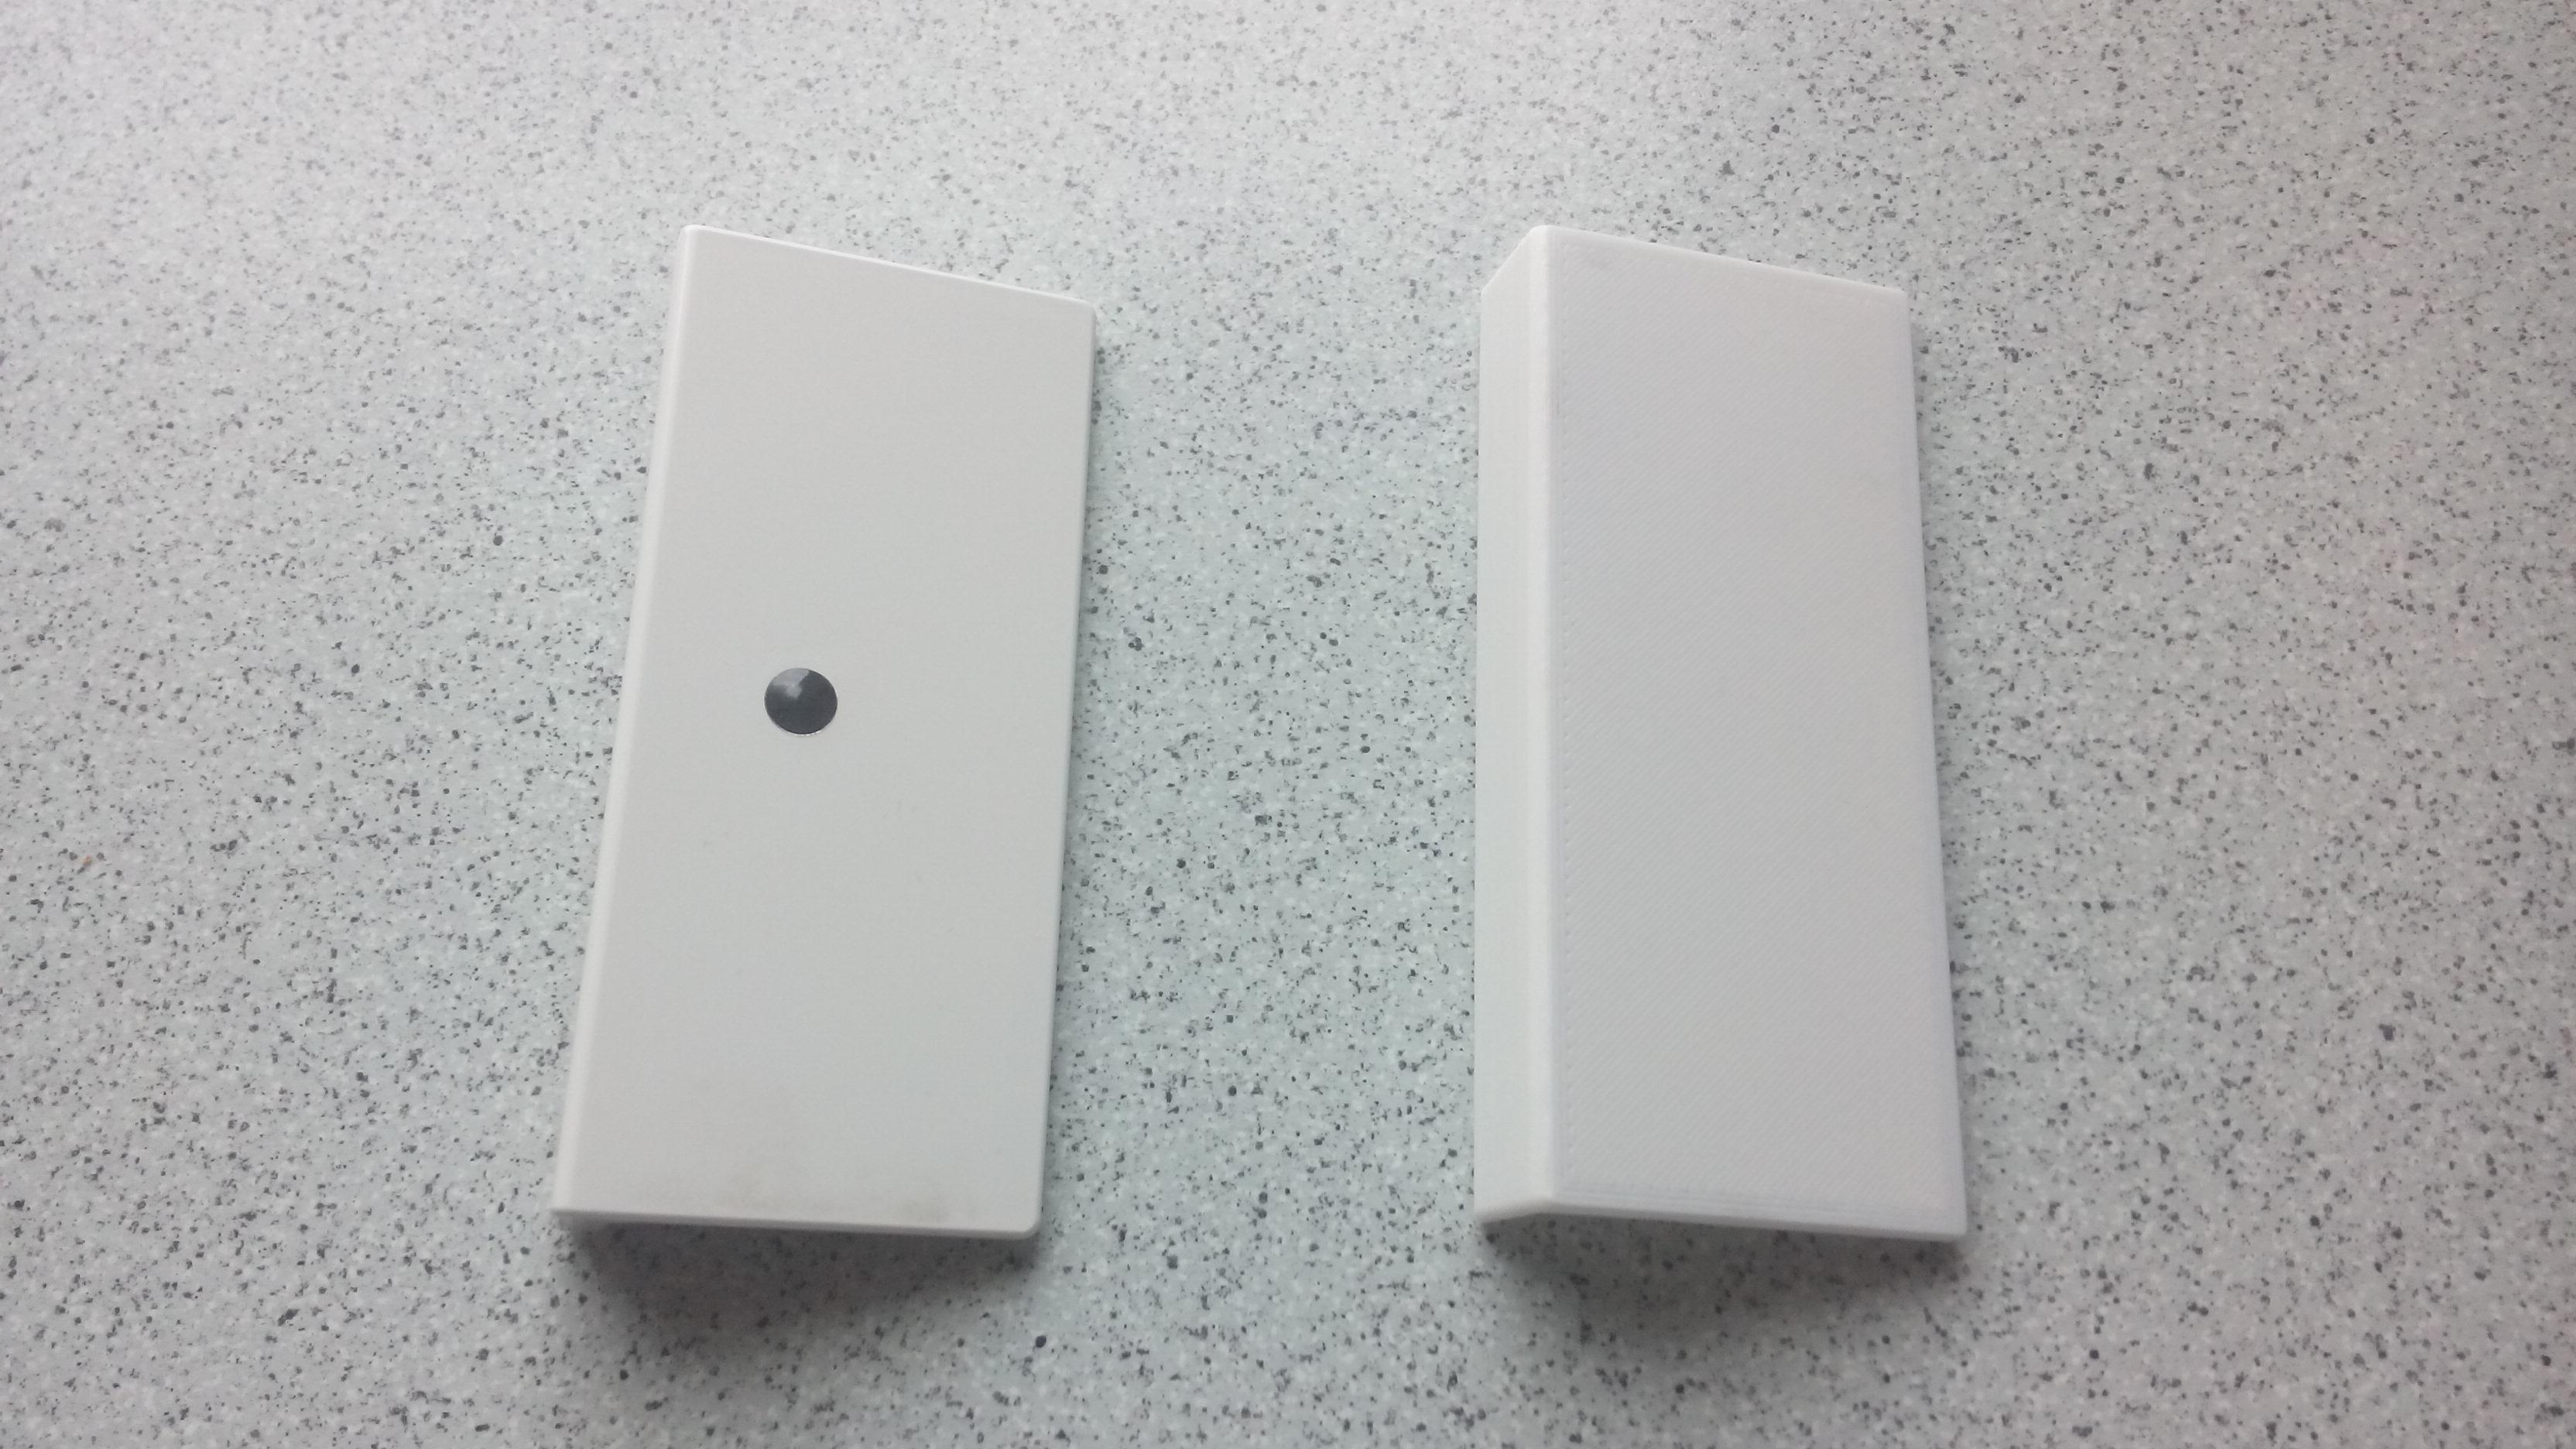 Bosch Kühlschrank Griff : Freezer compartment handle griff gefrierfach for bosch fridge